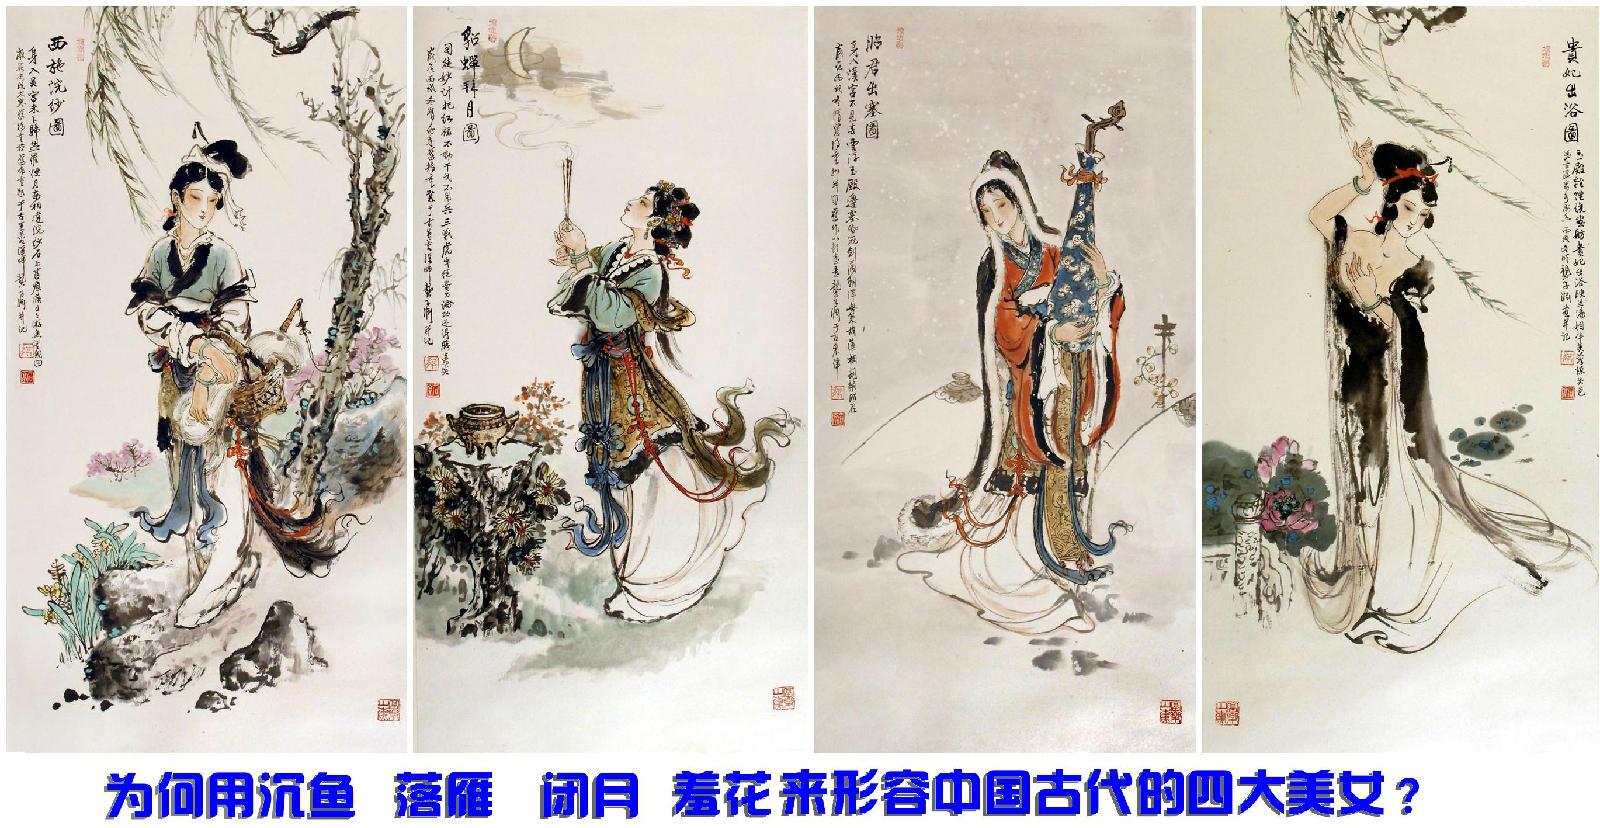 何用沉鱼 落雁 闭月 羞花来形容中国古代的四大美女